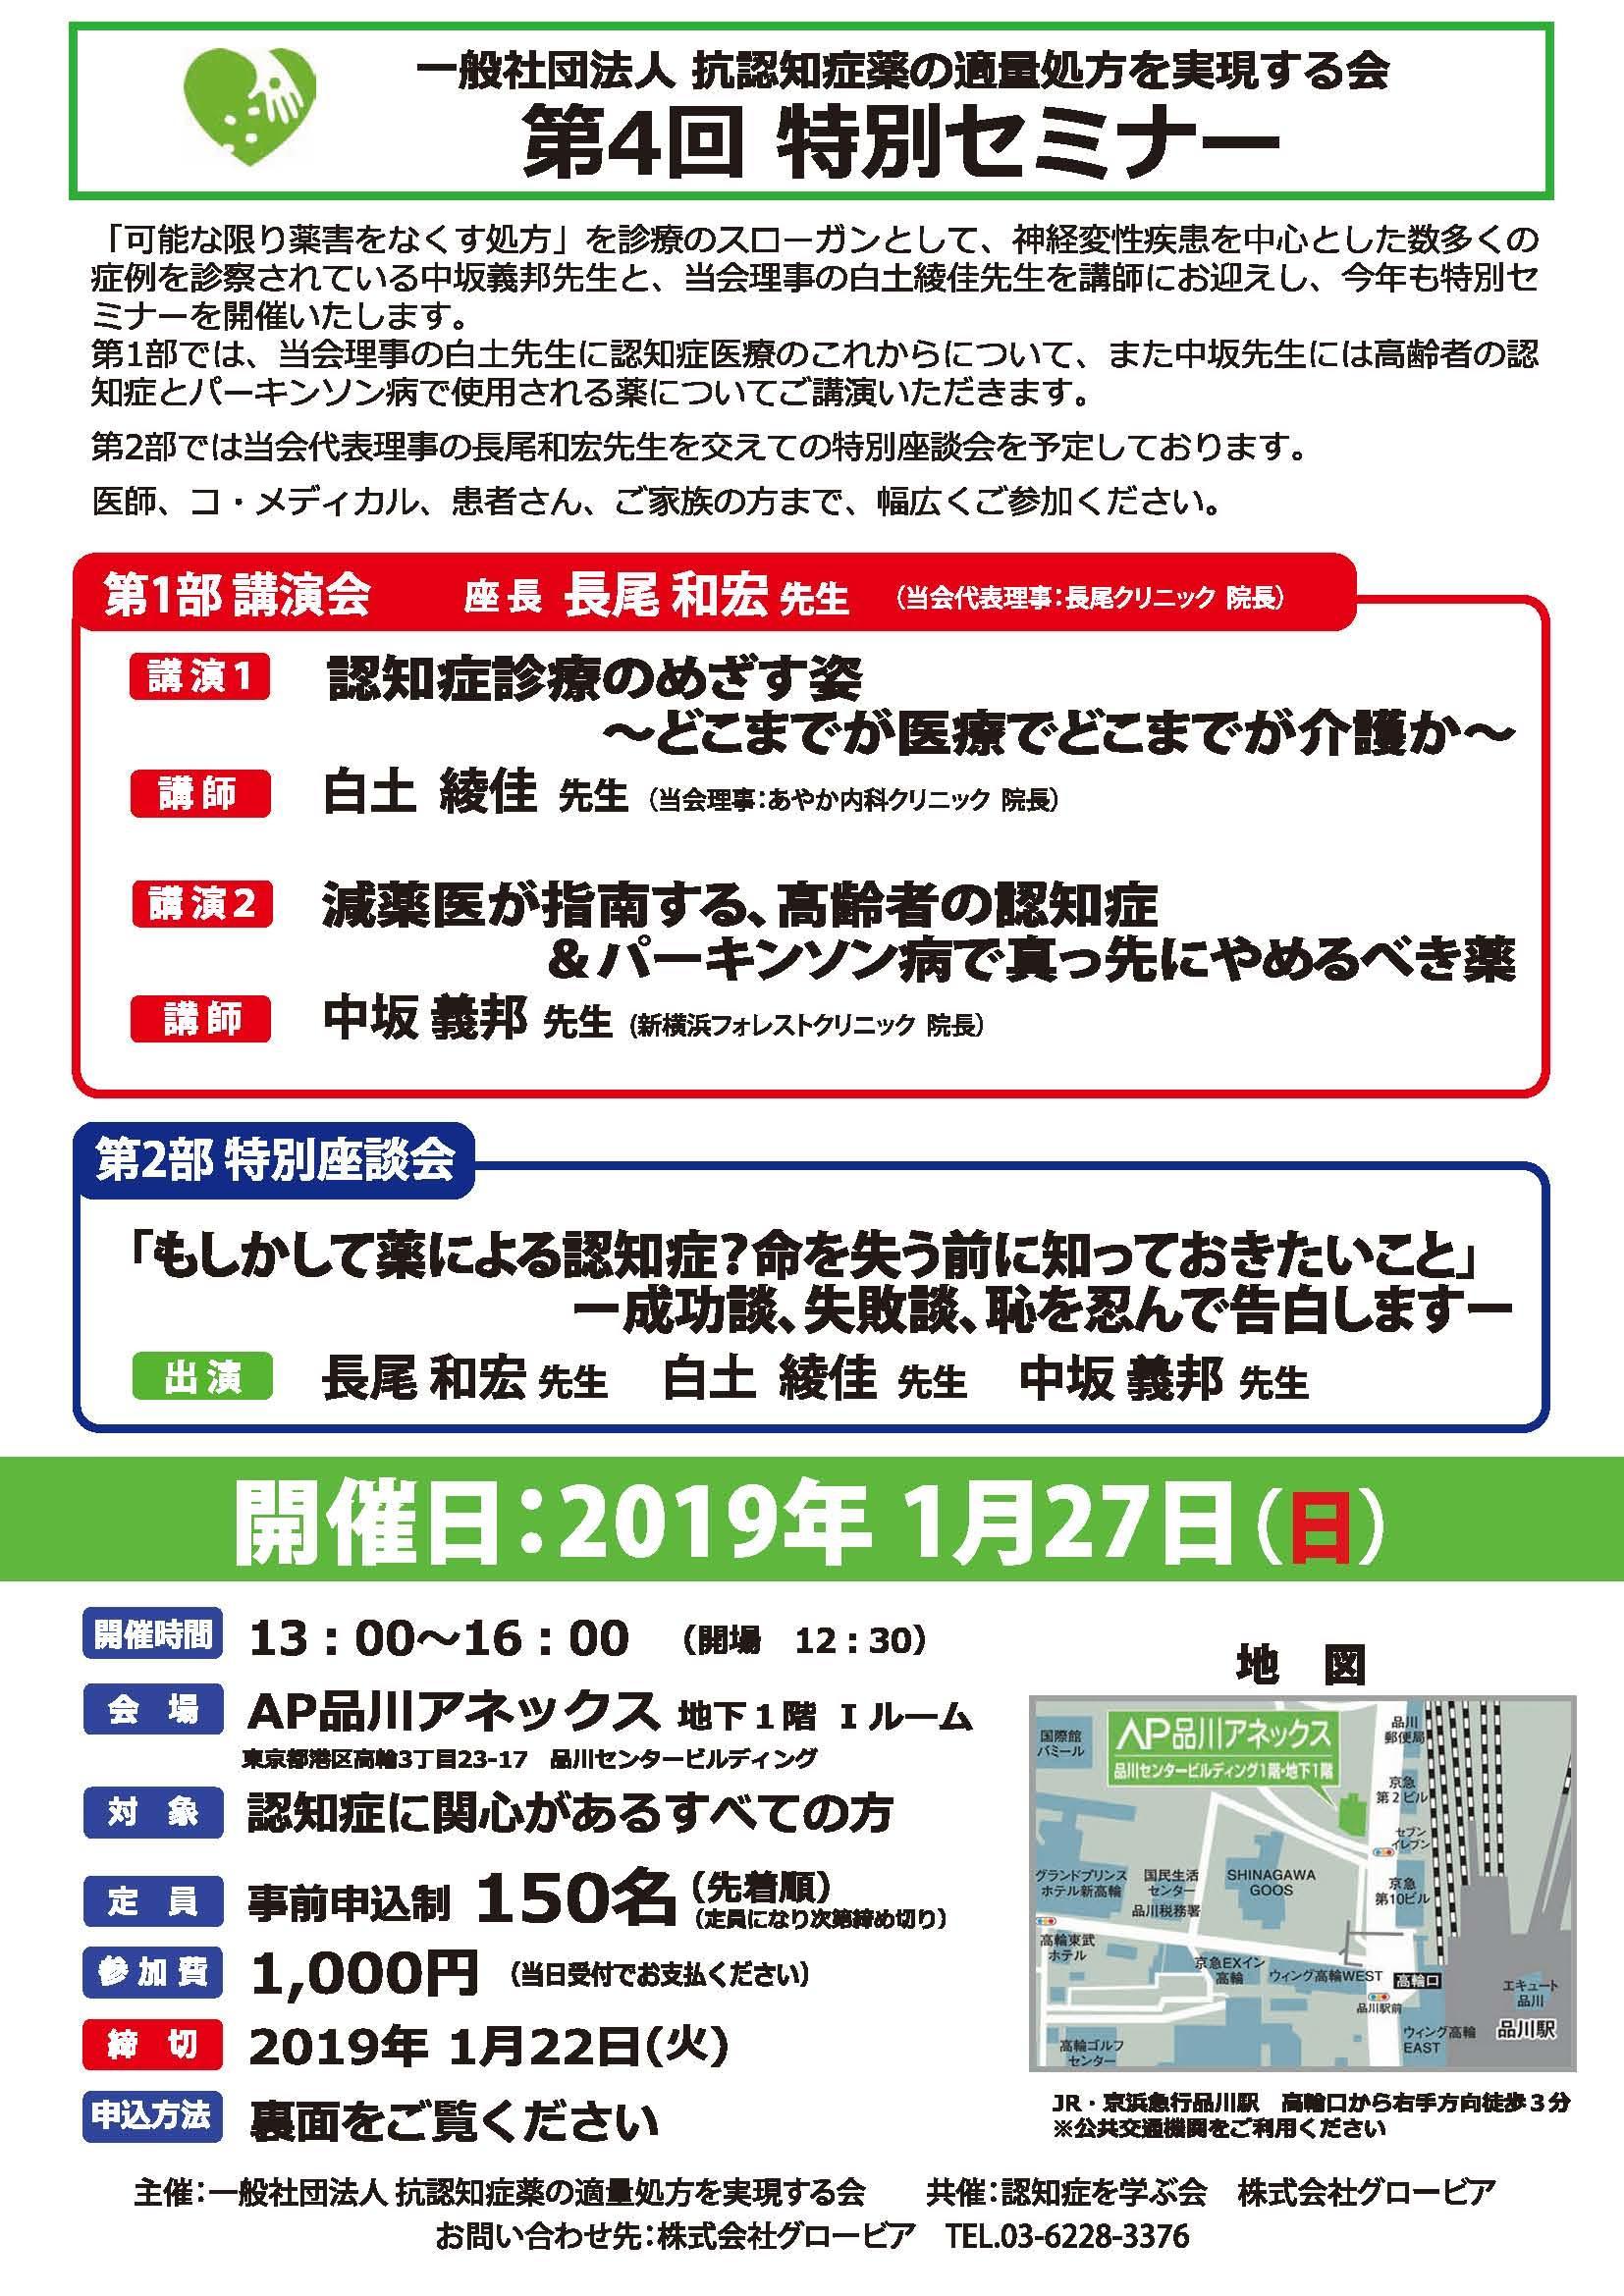 20190127_tekiryokai_ページ_1.jpg